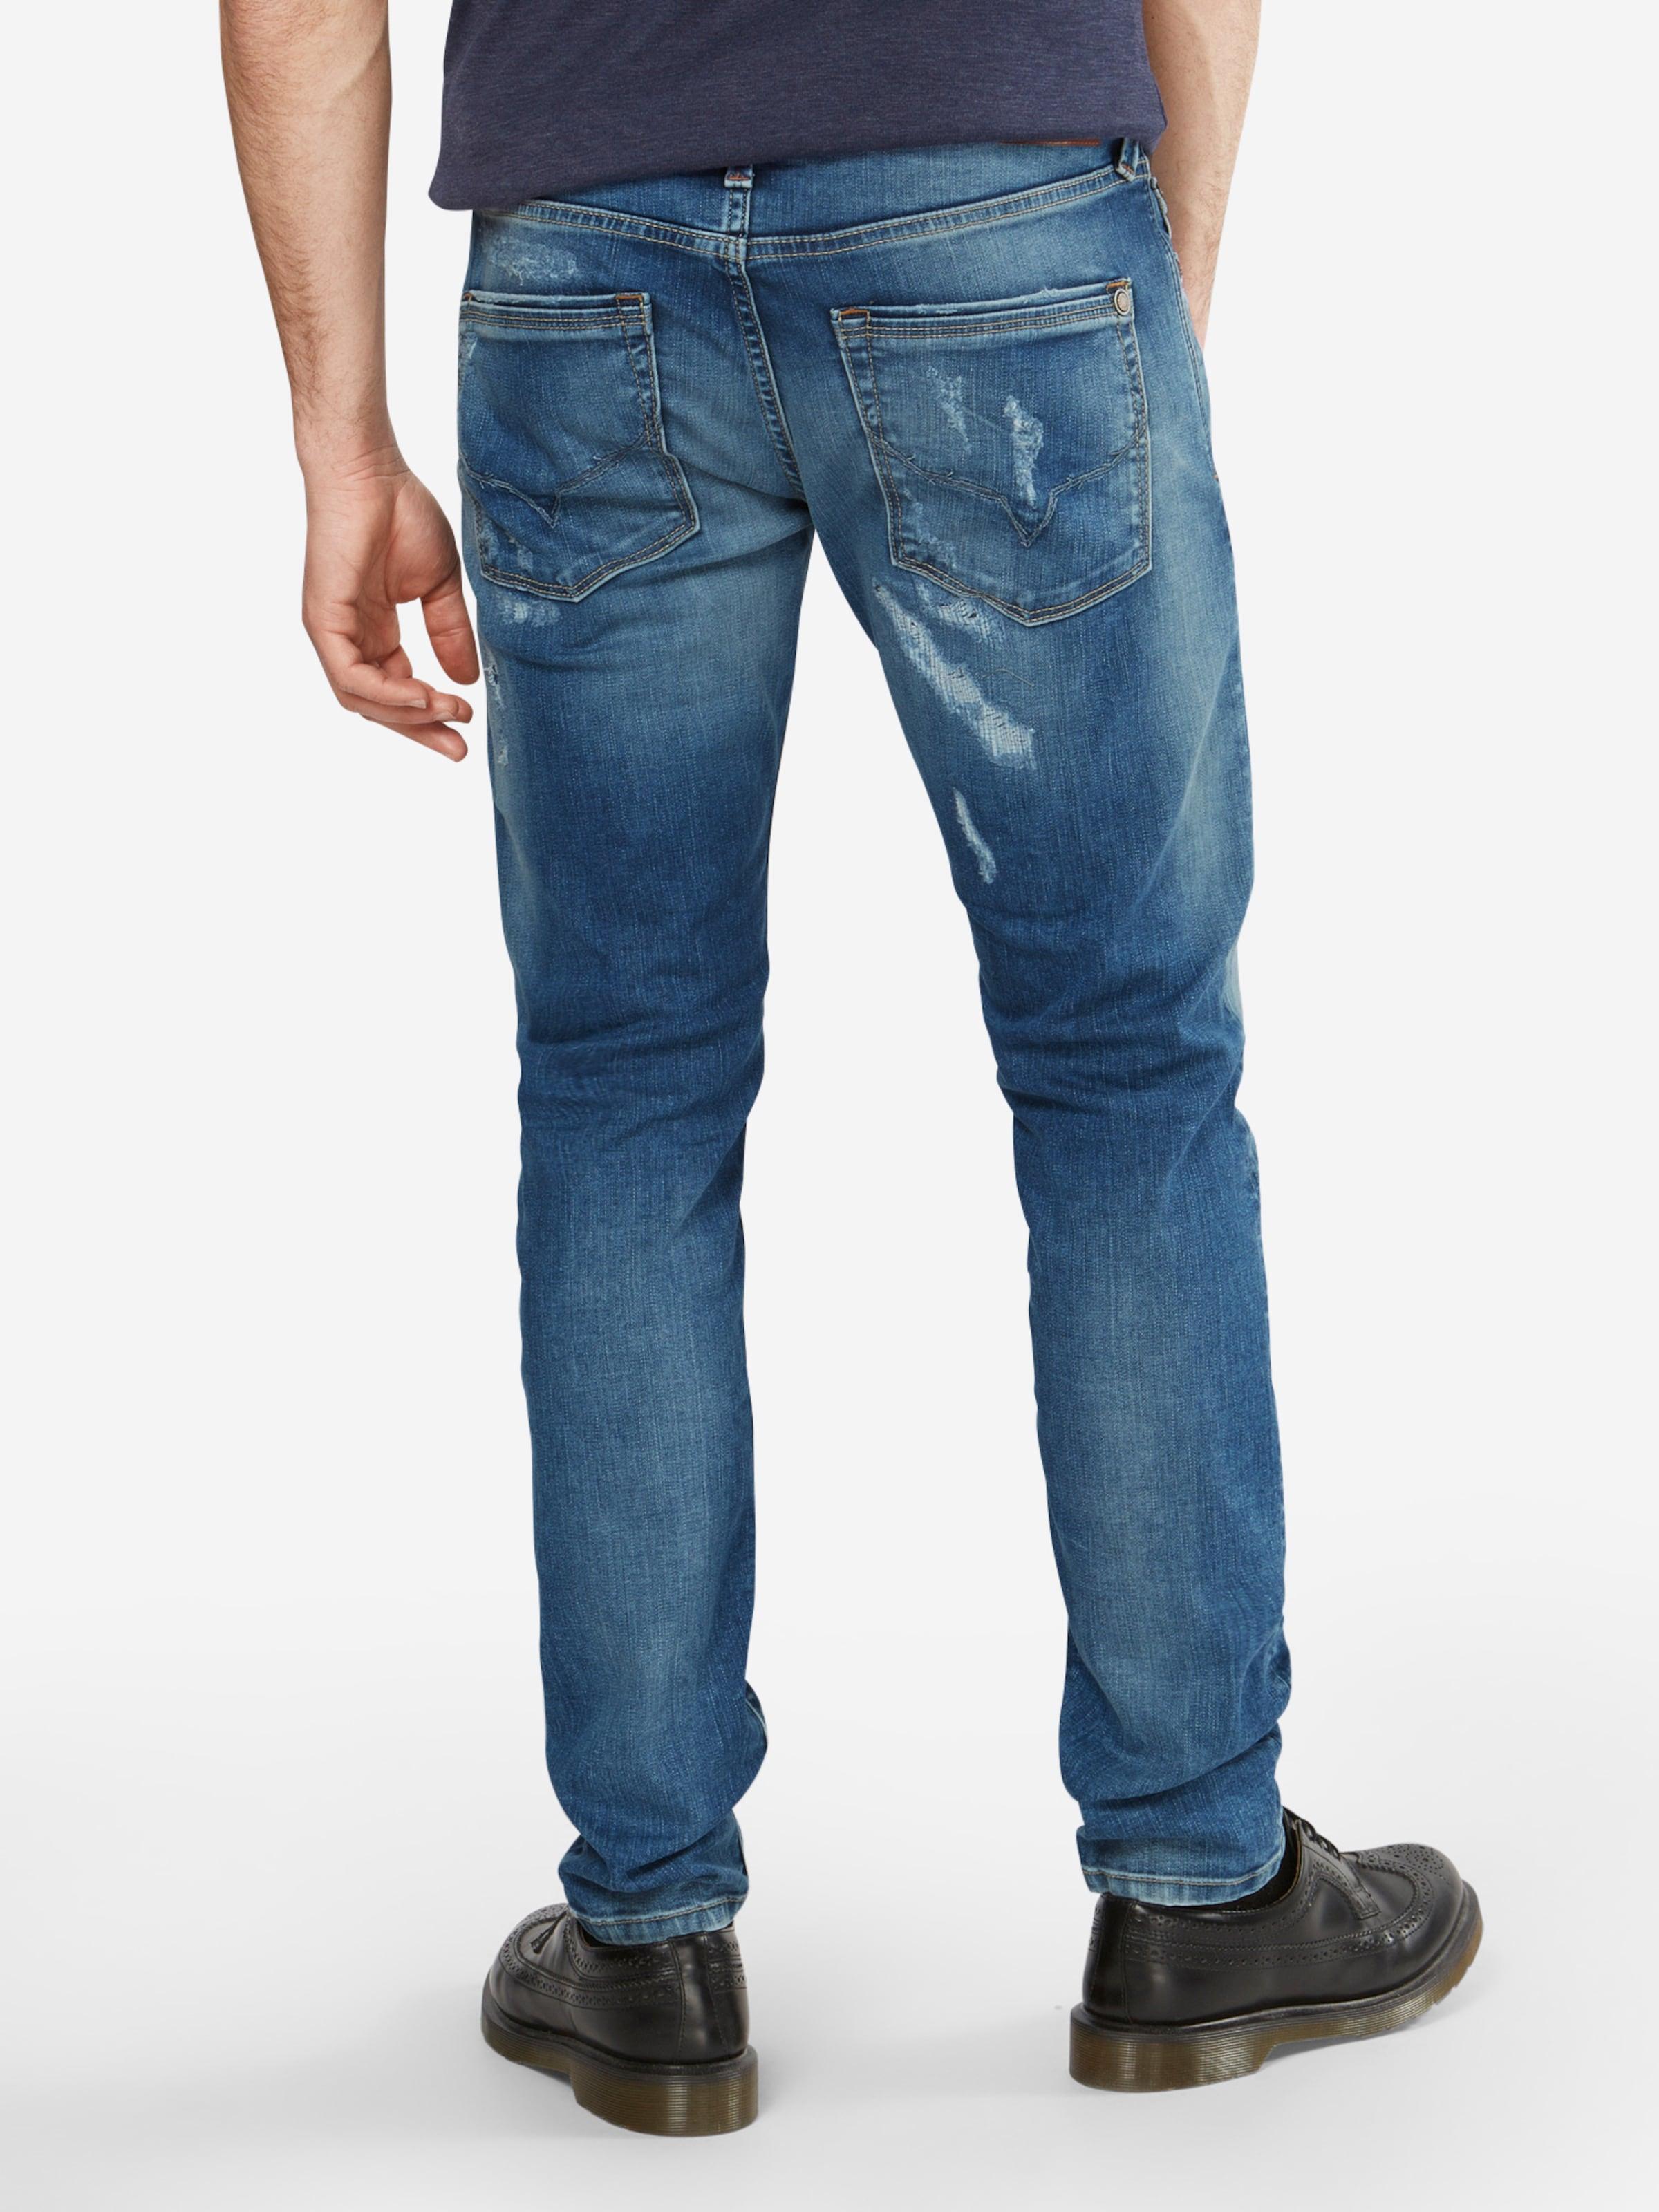 Pepe Jeans Jeans 'STANLEY TRASHED' Footlocker Bilder VPAueW